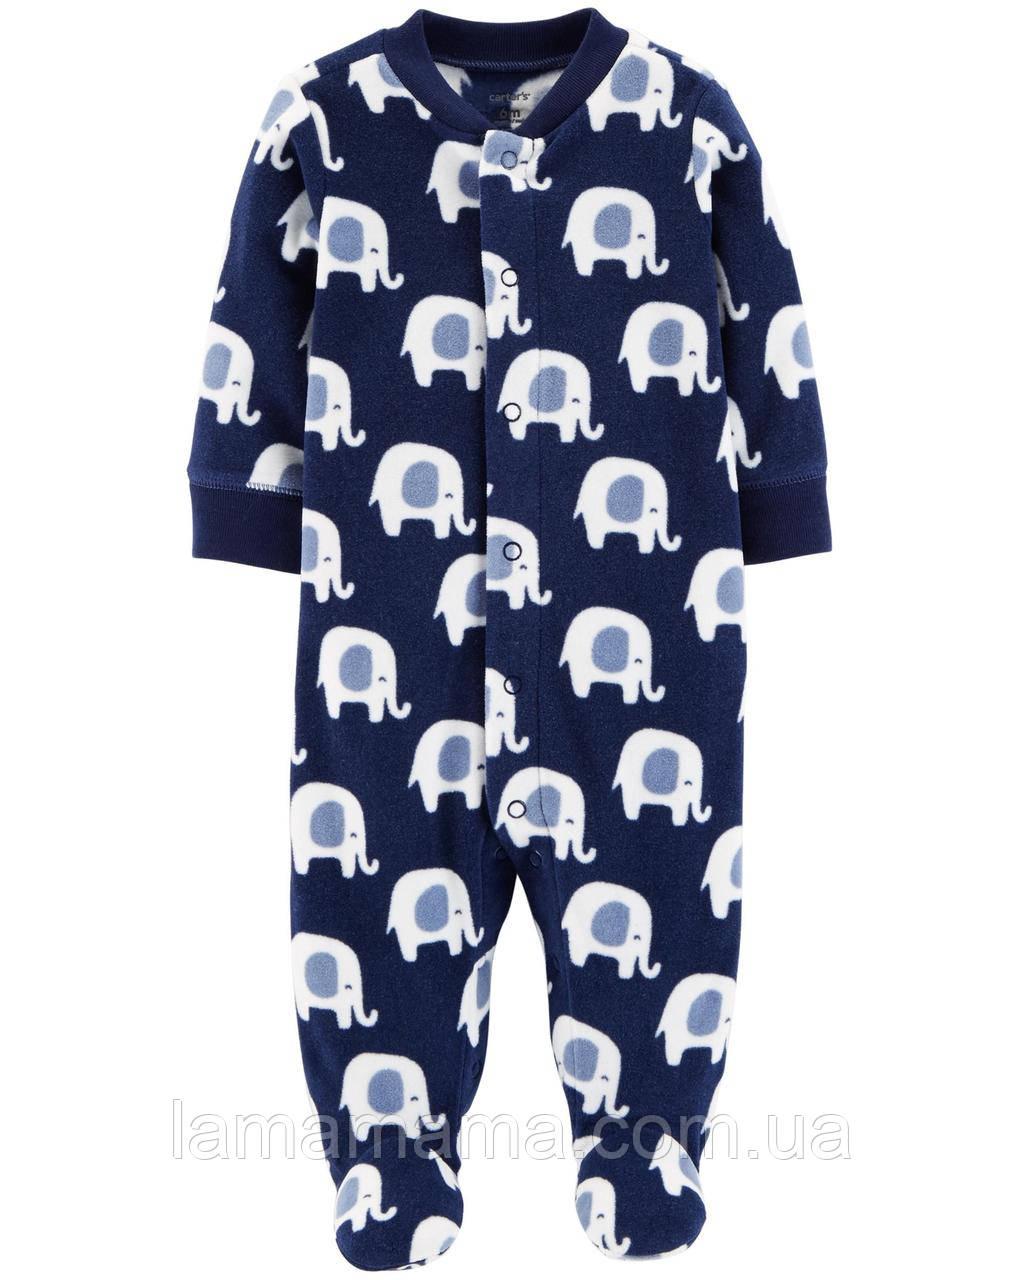 Флисовый слип человечек пижама Слоники Картерс Carter's Elephant Snap-Up Fleece Sleep & Play 6М (61-67 см, 5.7